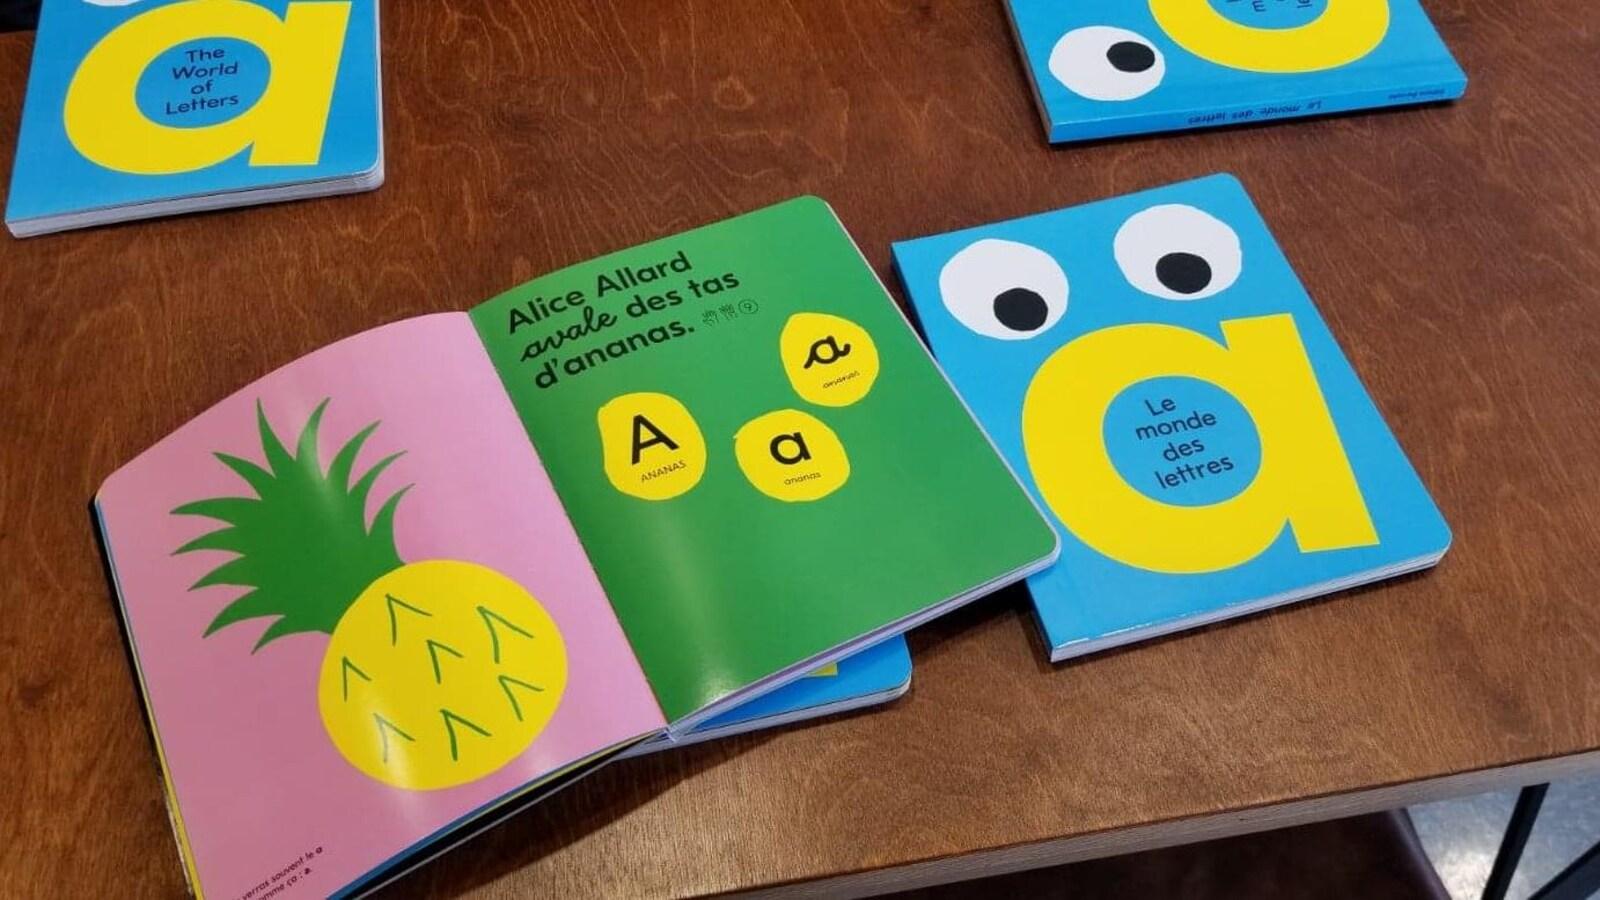 « Le monde des lettres » est un abécédaire qui présente toutes les formes de chaque lettre.